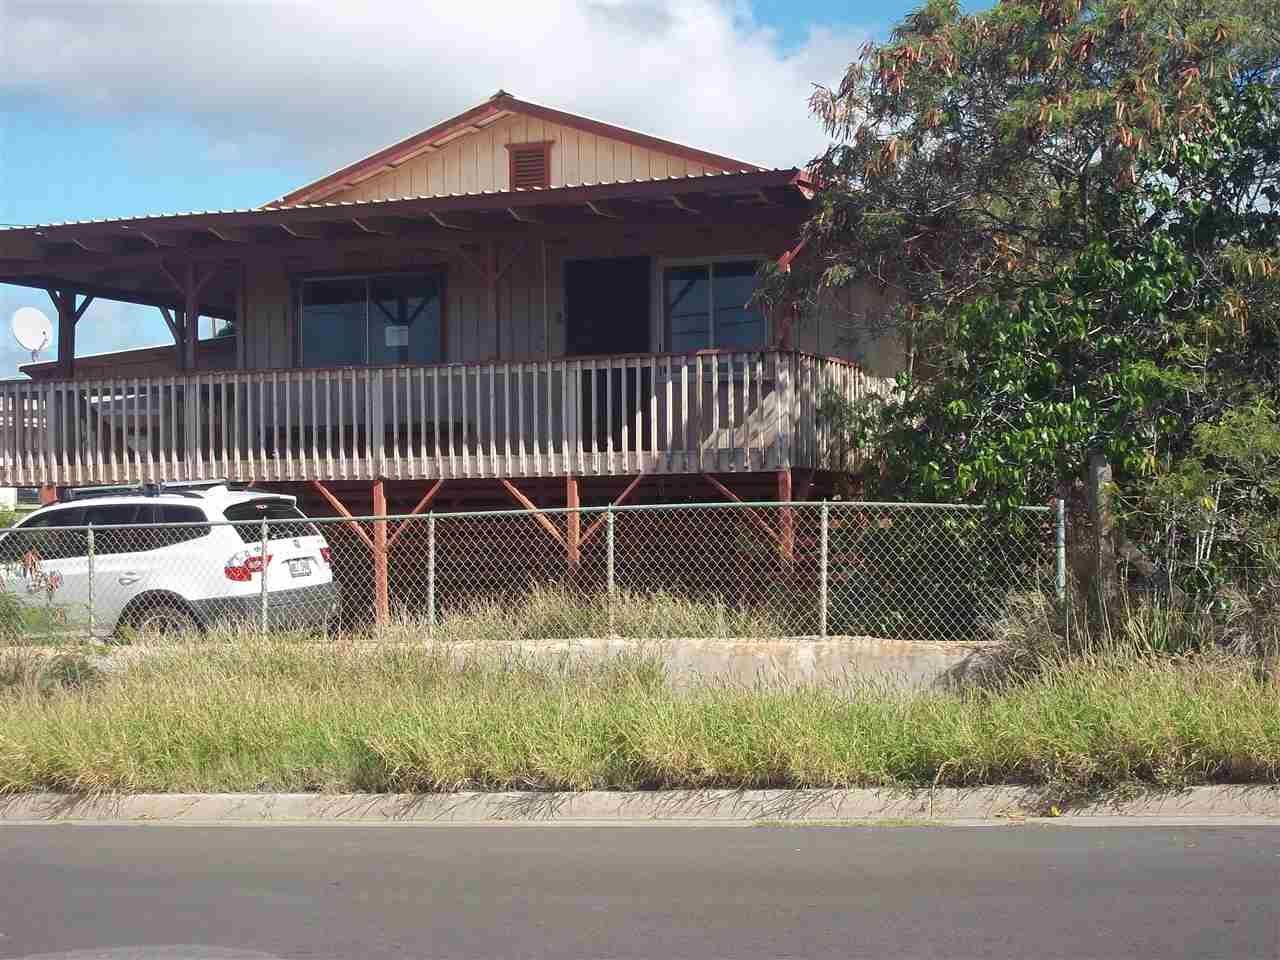 Photo of 375 Ala Malama Ave, Kaunakakai, HI 96748 (MLS # 386503)